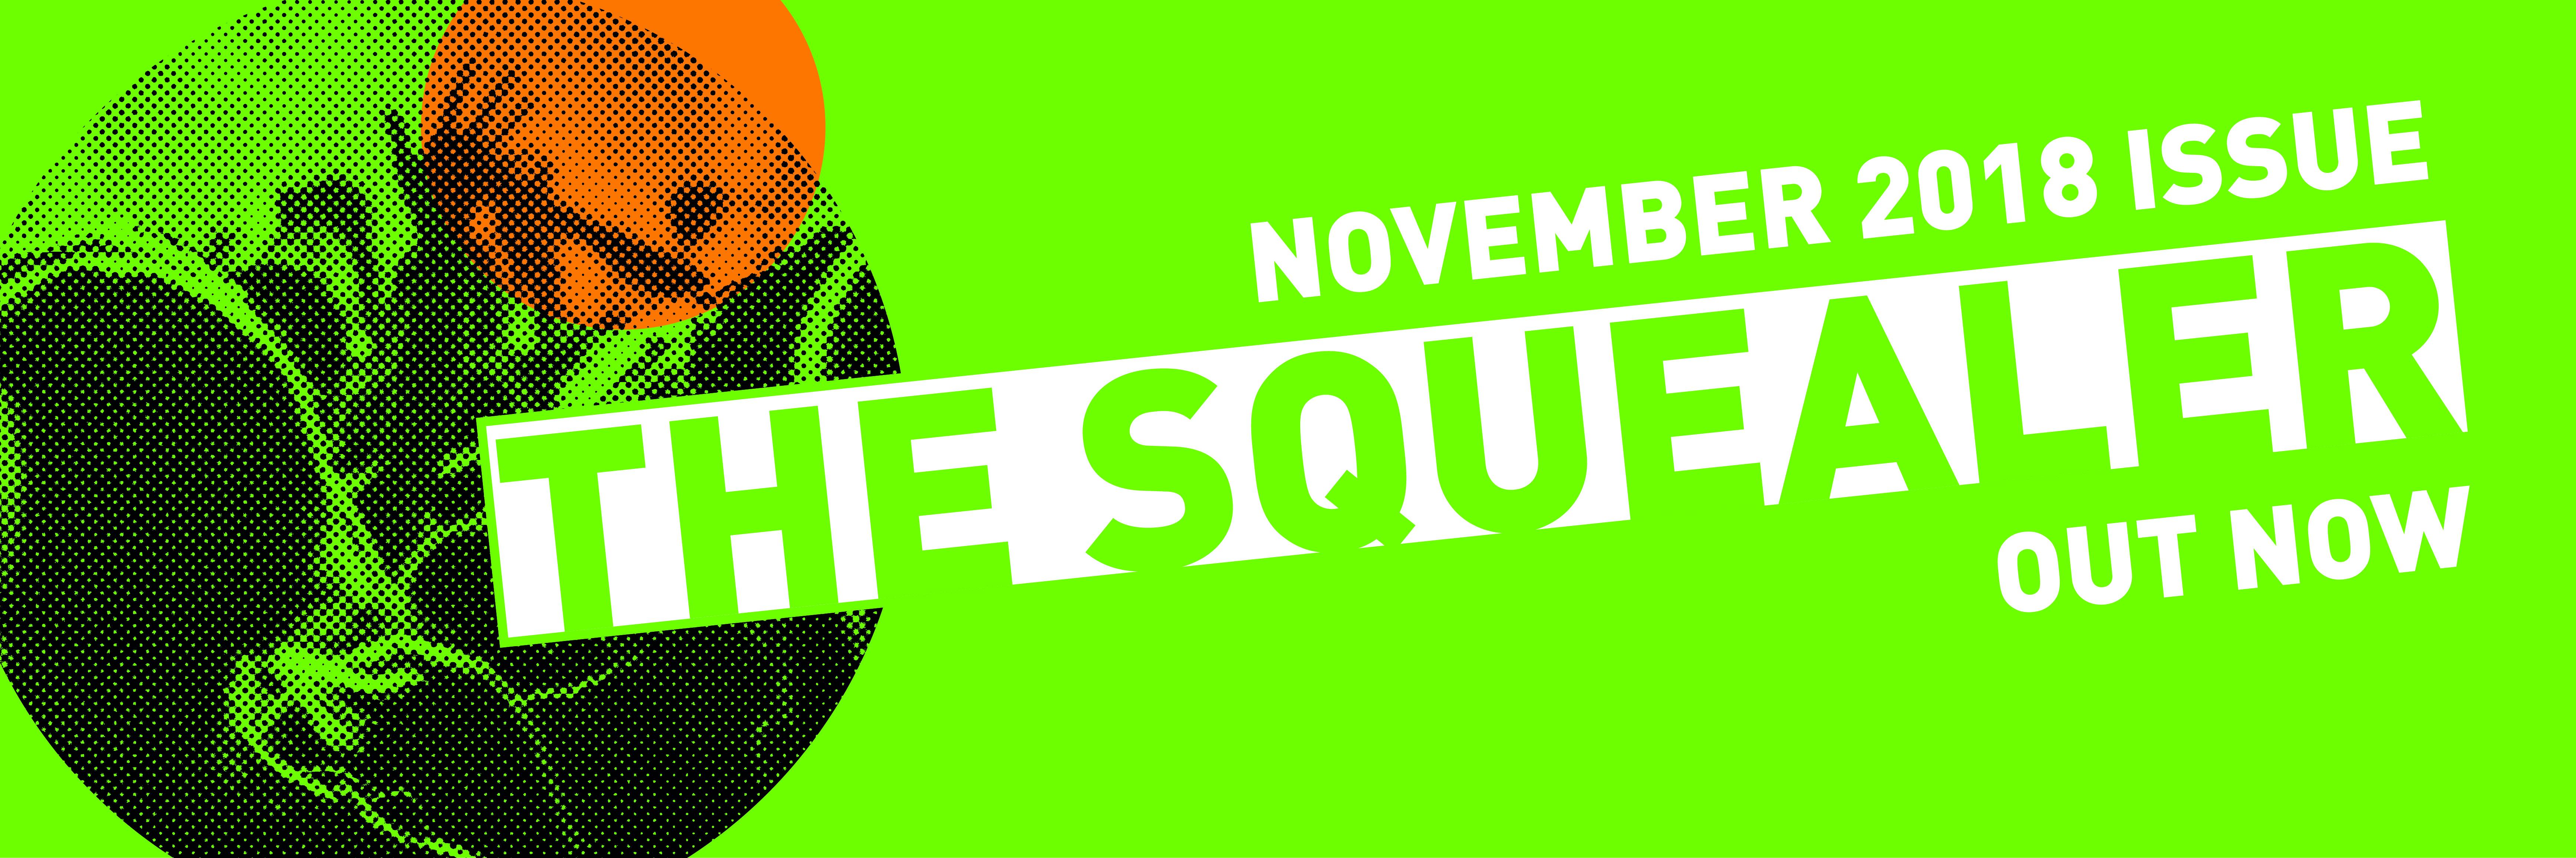 Squealer nov18 banner